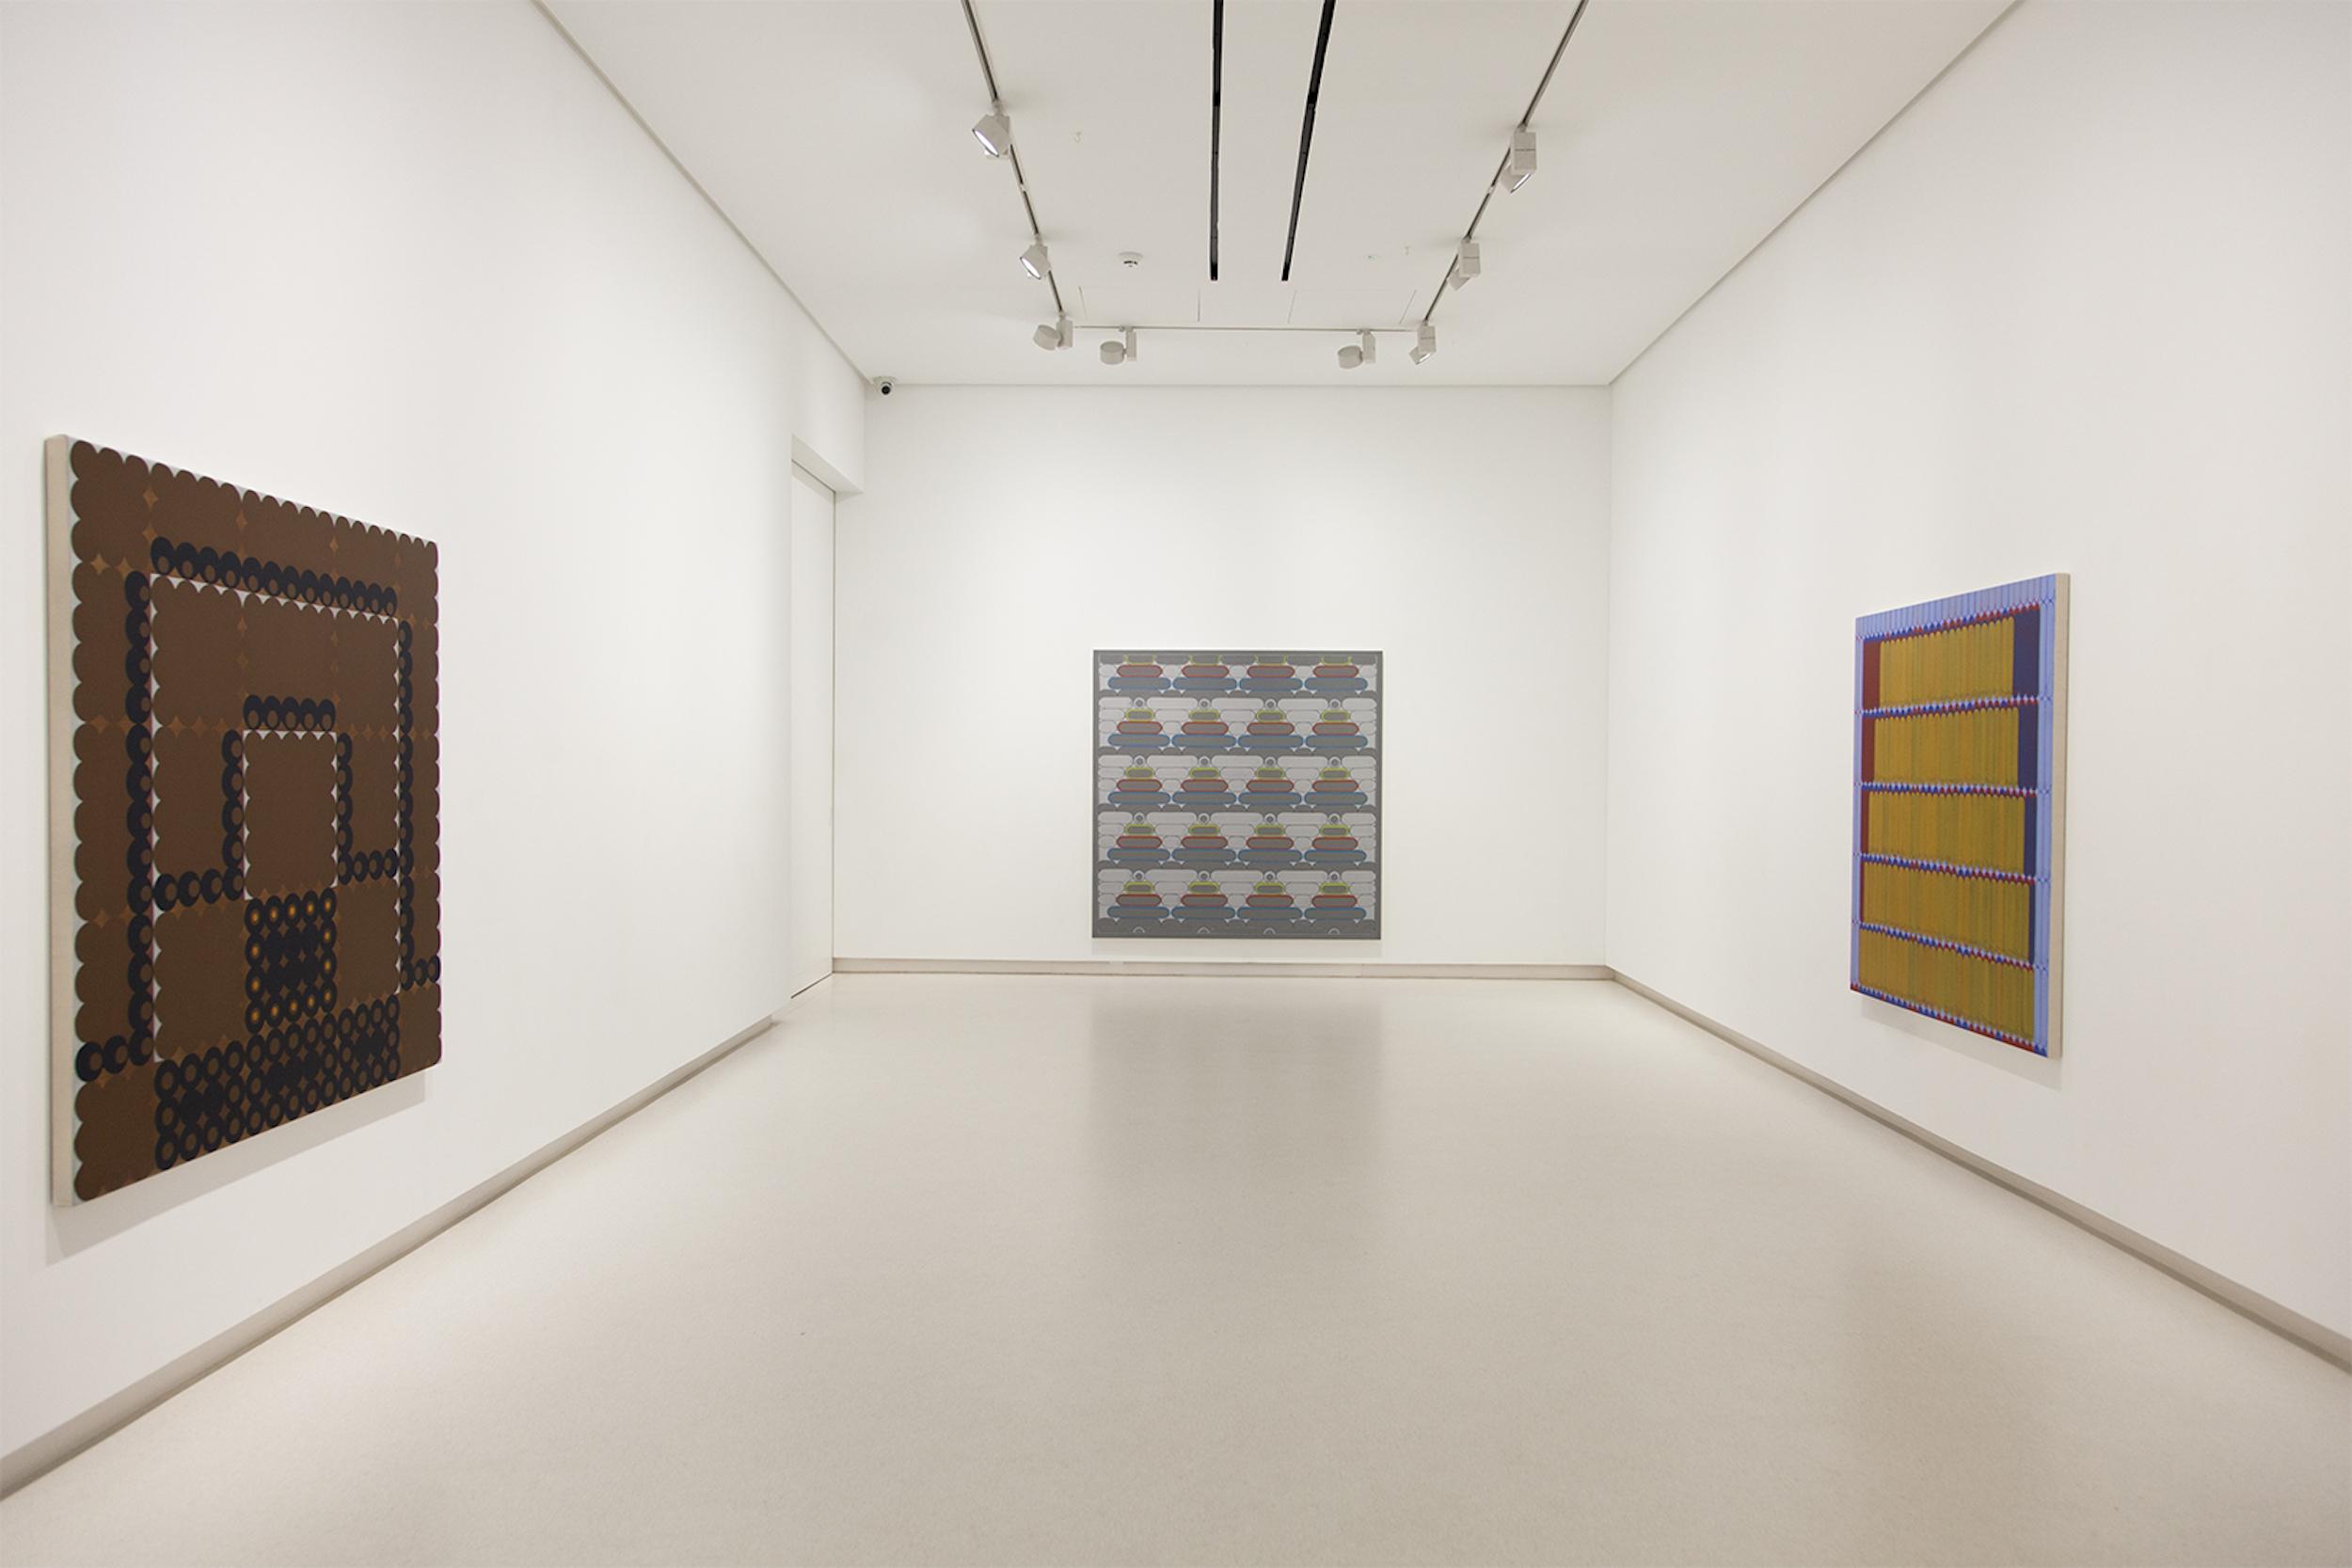 Dan Walsh Vista de la exposición, 2018 Galería Elvira González